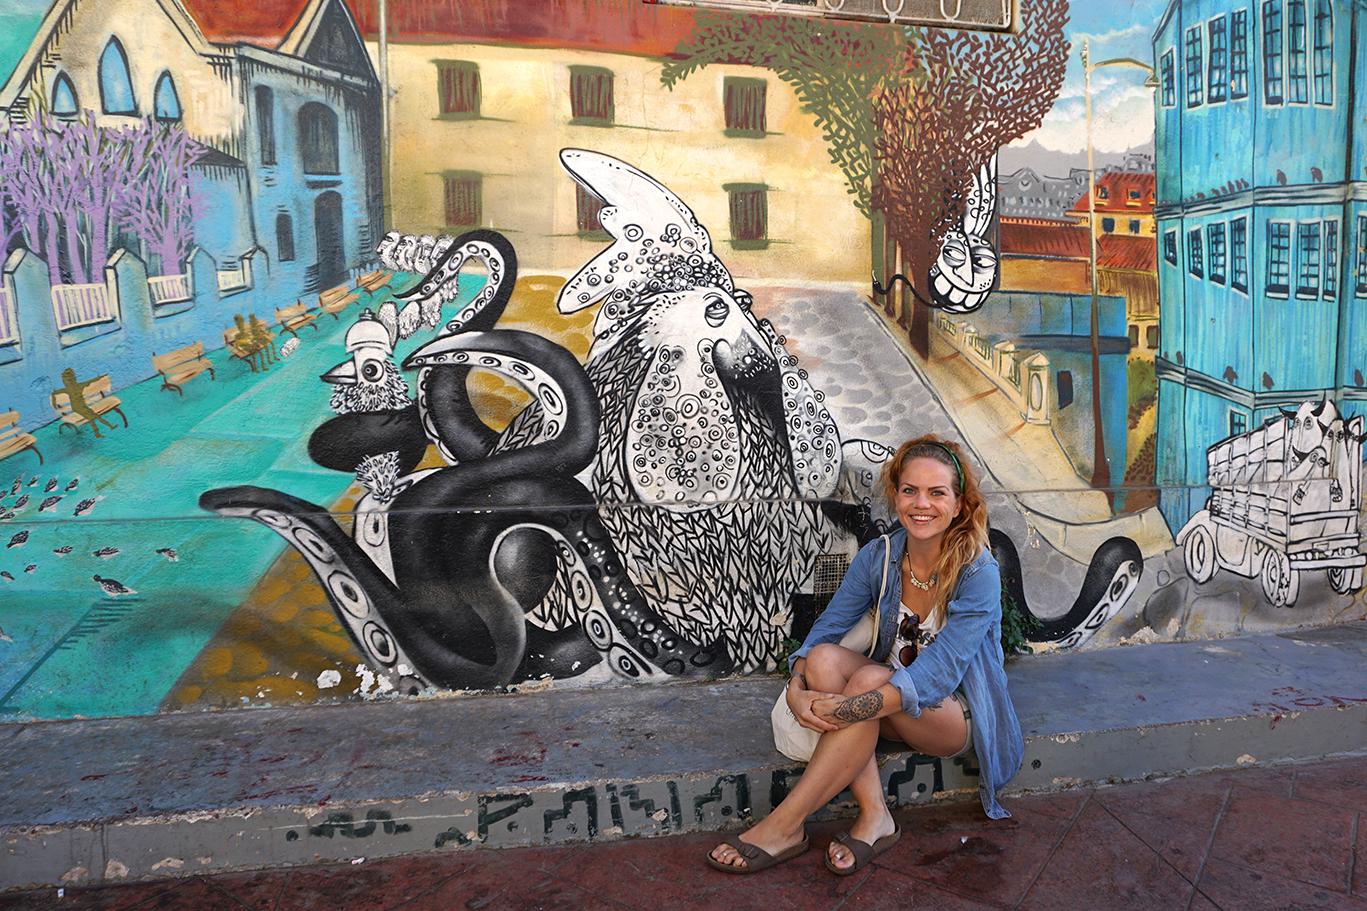 Streetart in Valparaiso, Chile, 2017